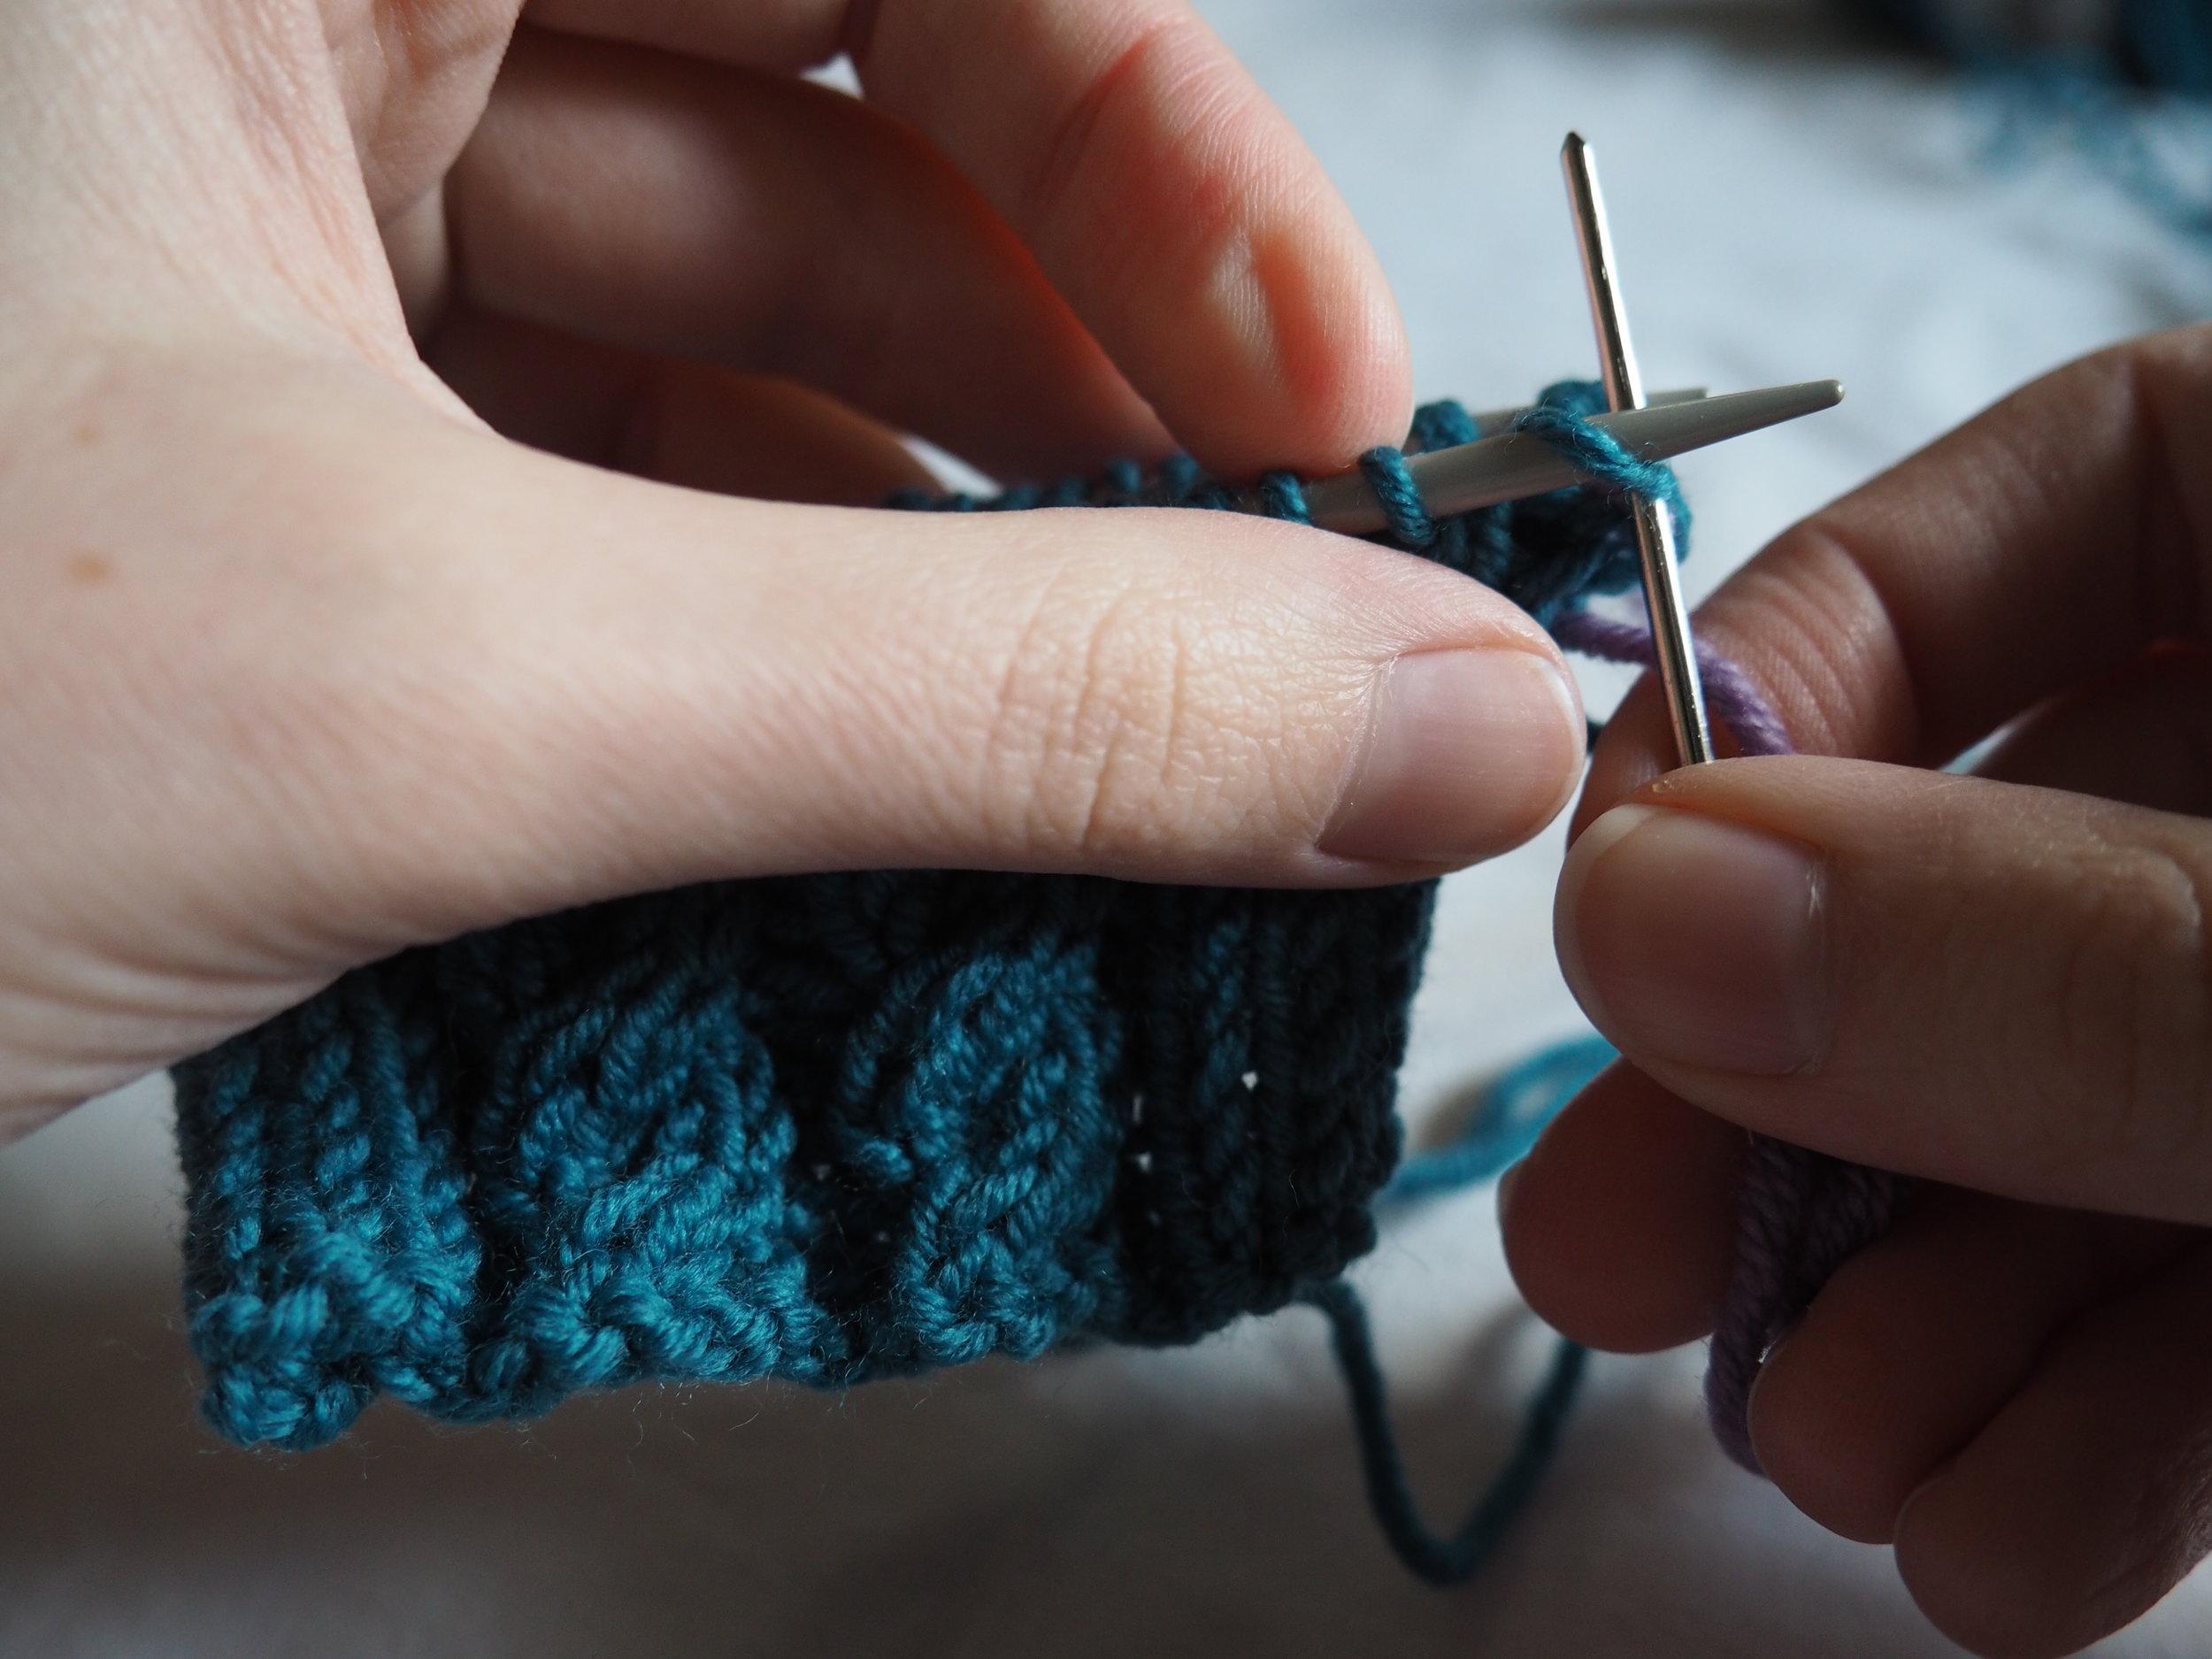 Aiguille 1 : Insérez l'aiguille à laine dans le 1è maille comme pour faire une maille endroit et faites la glisser de l'aiguille